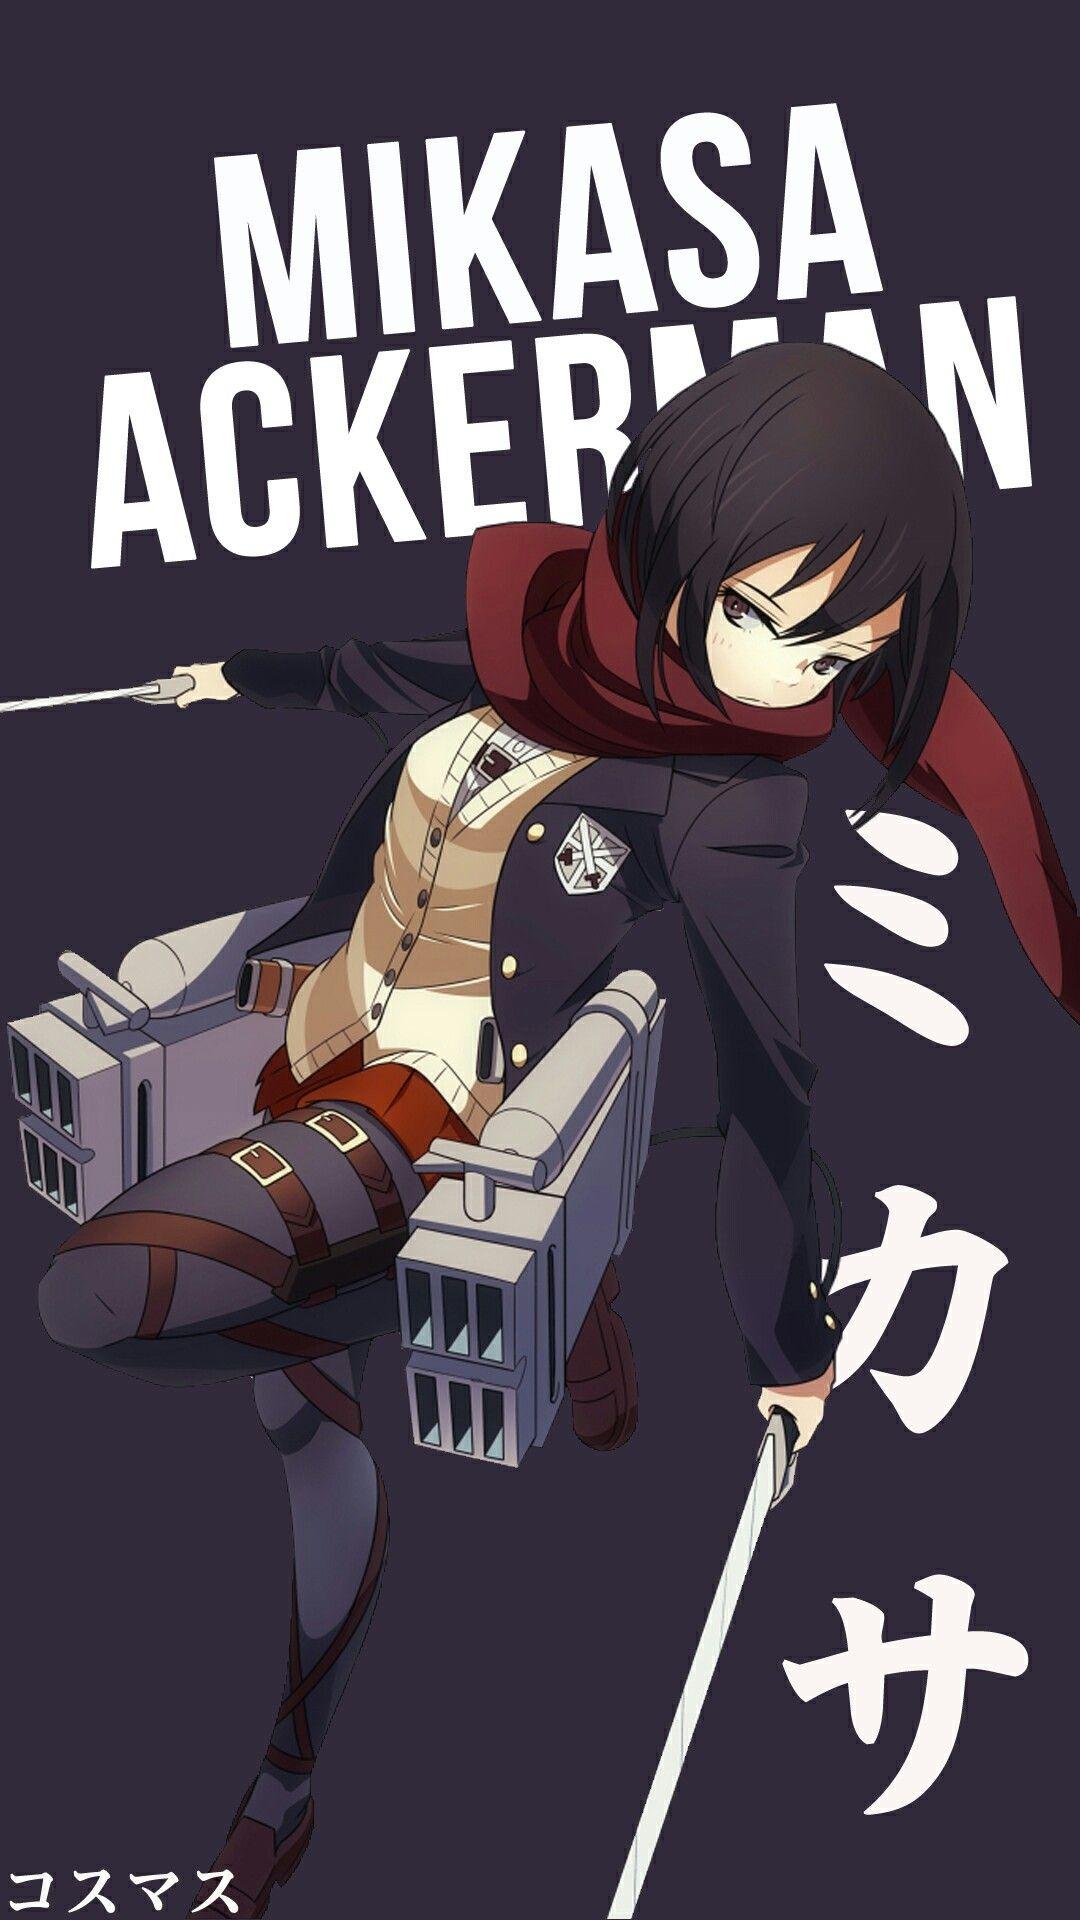 mikasa ackerman attack on titan pinterest anime mikasa and